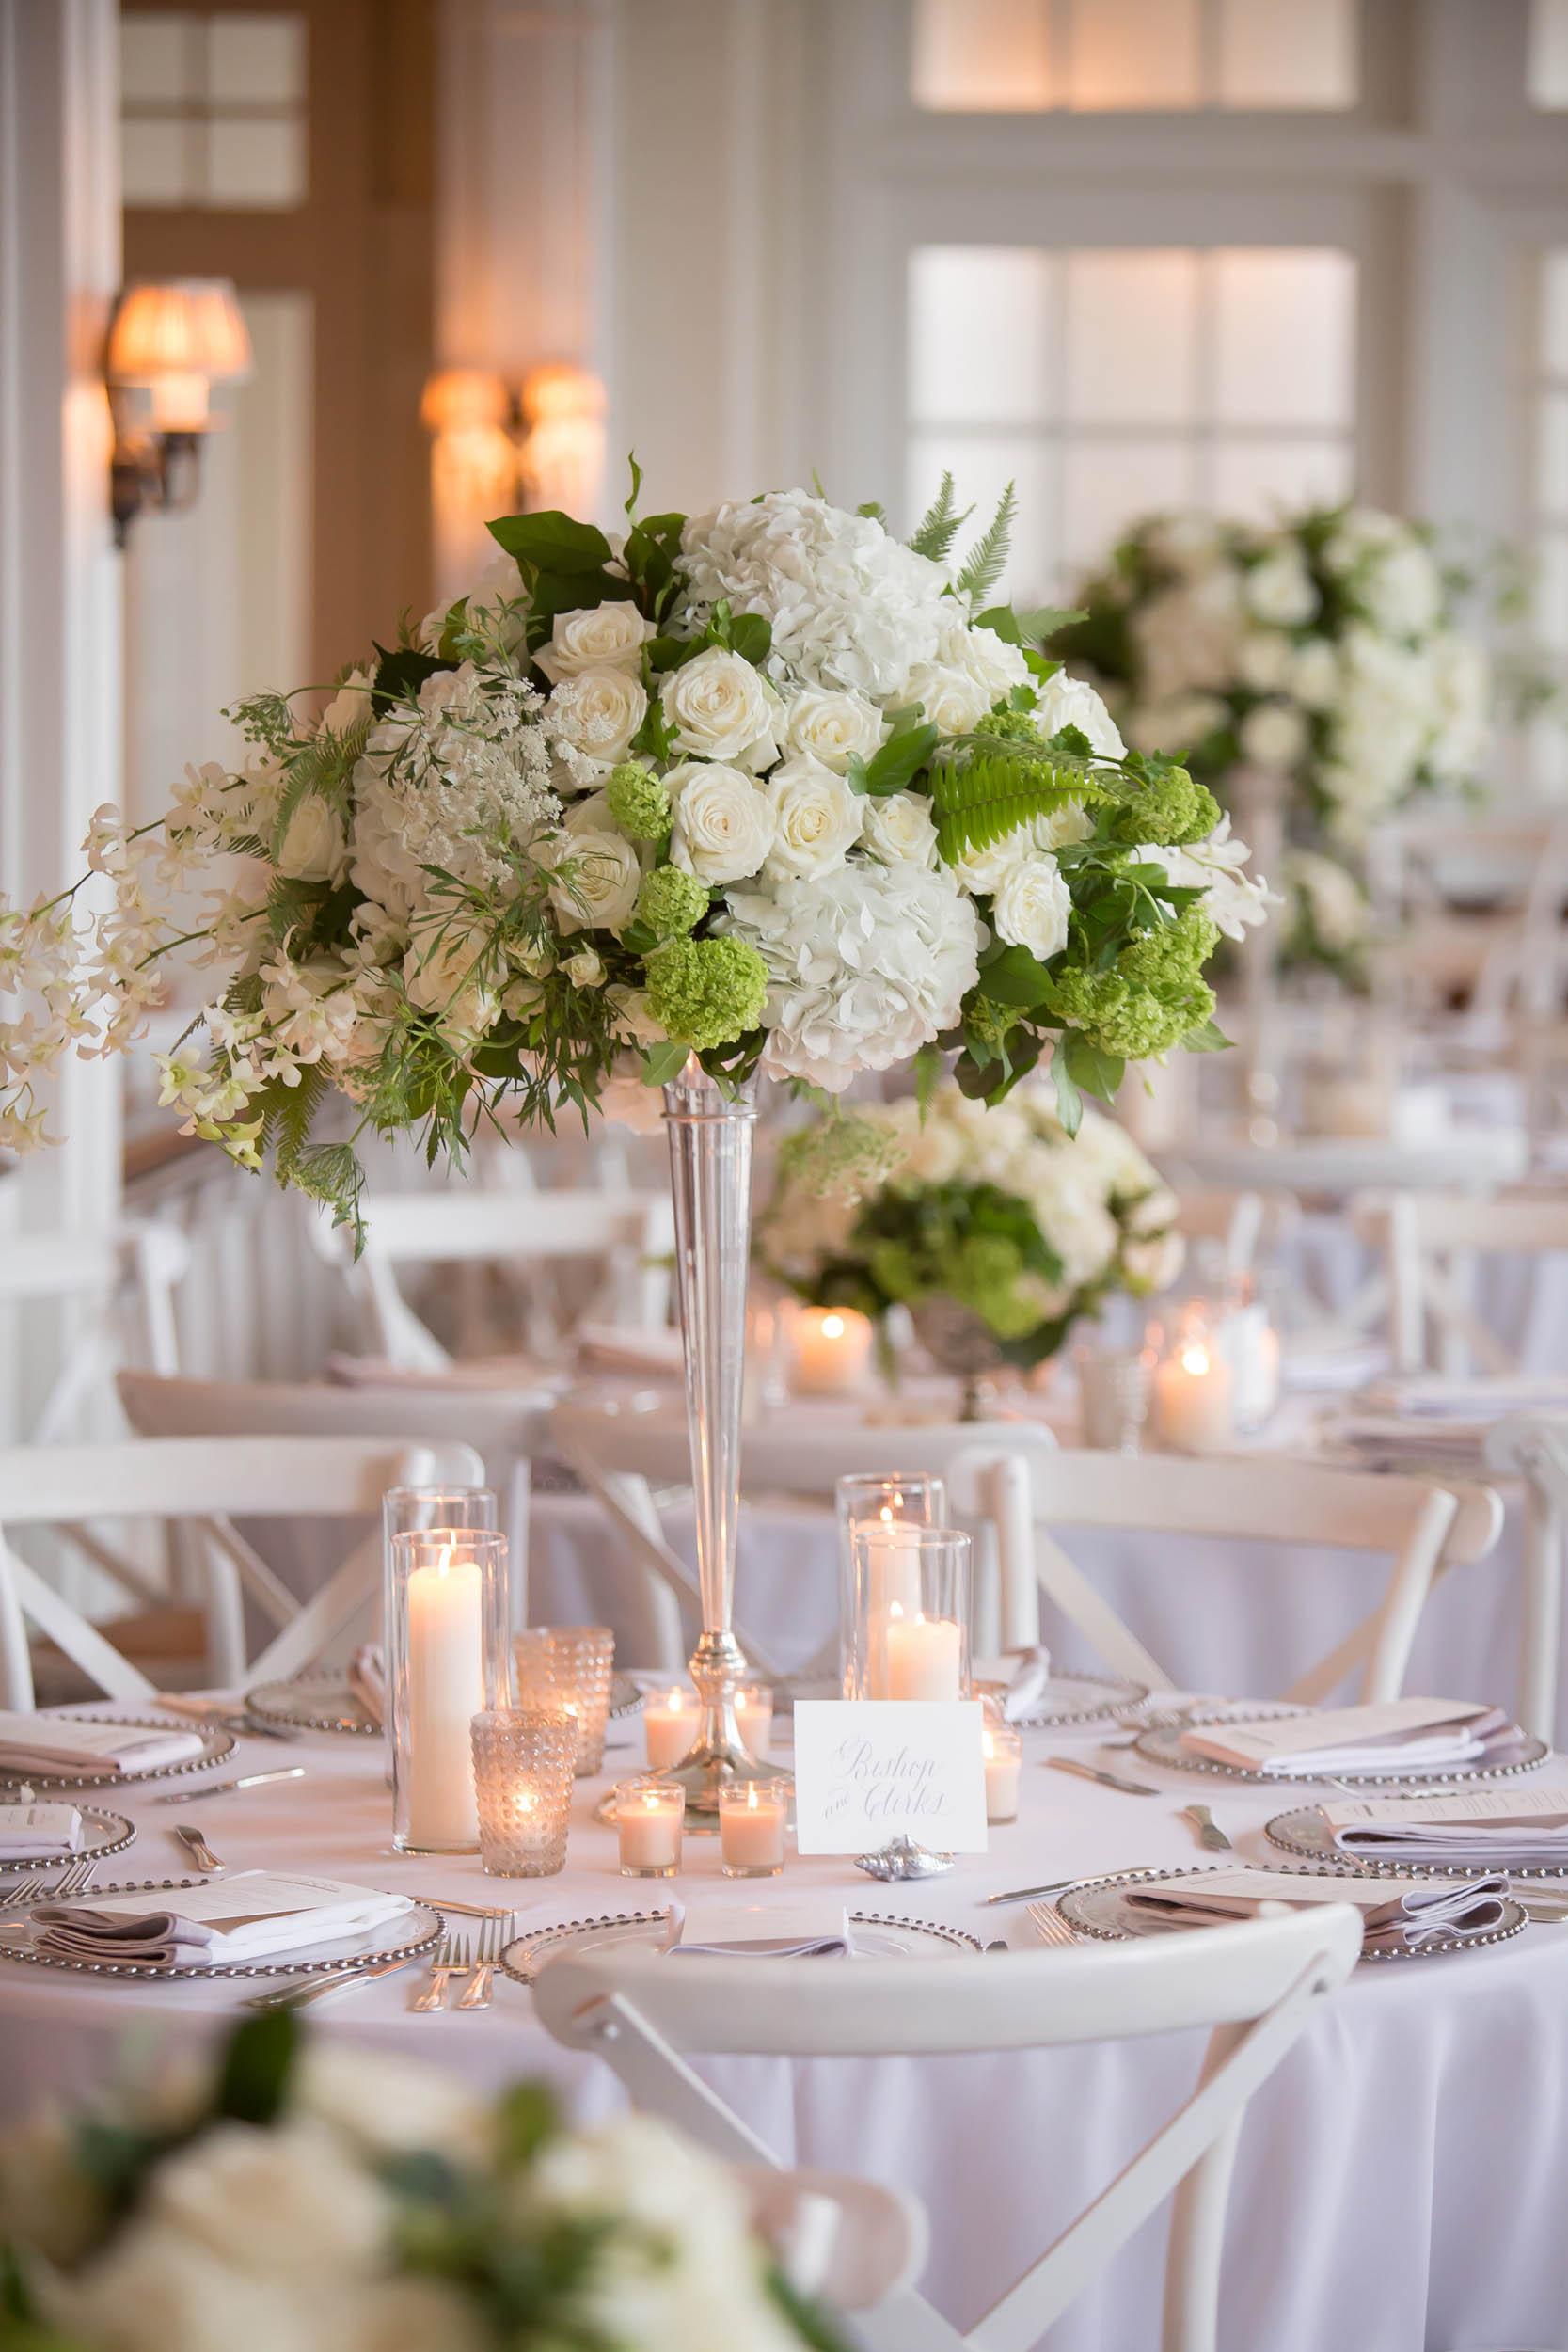 lilacs-florals-wedding-florist-reception-hires-065.jpg